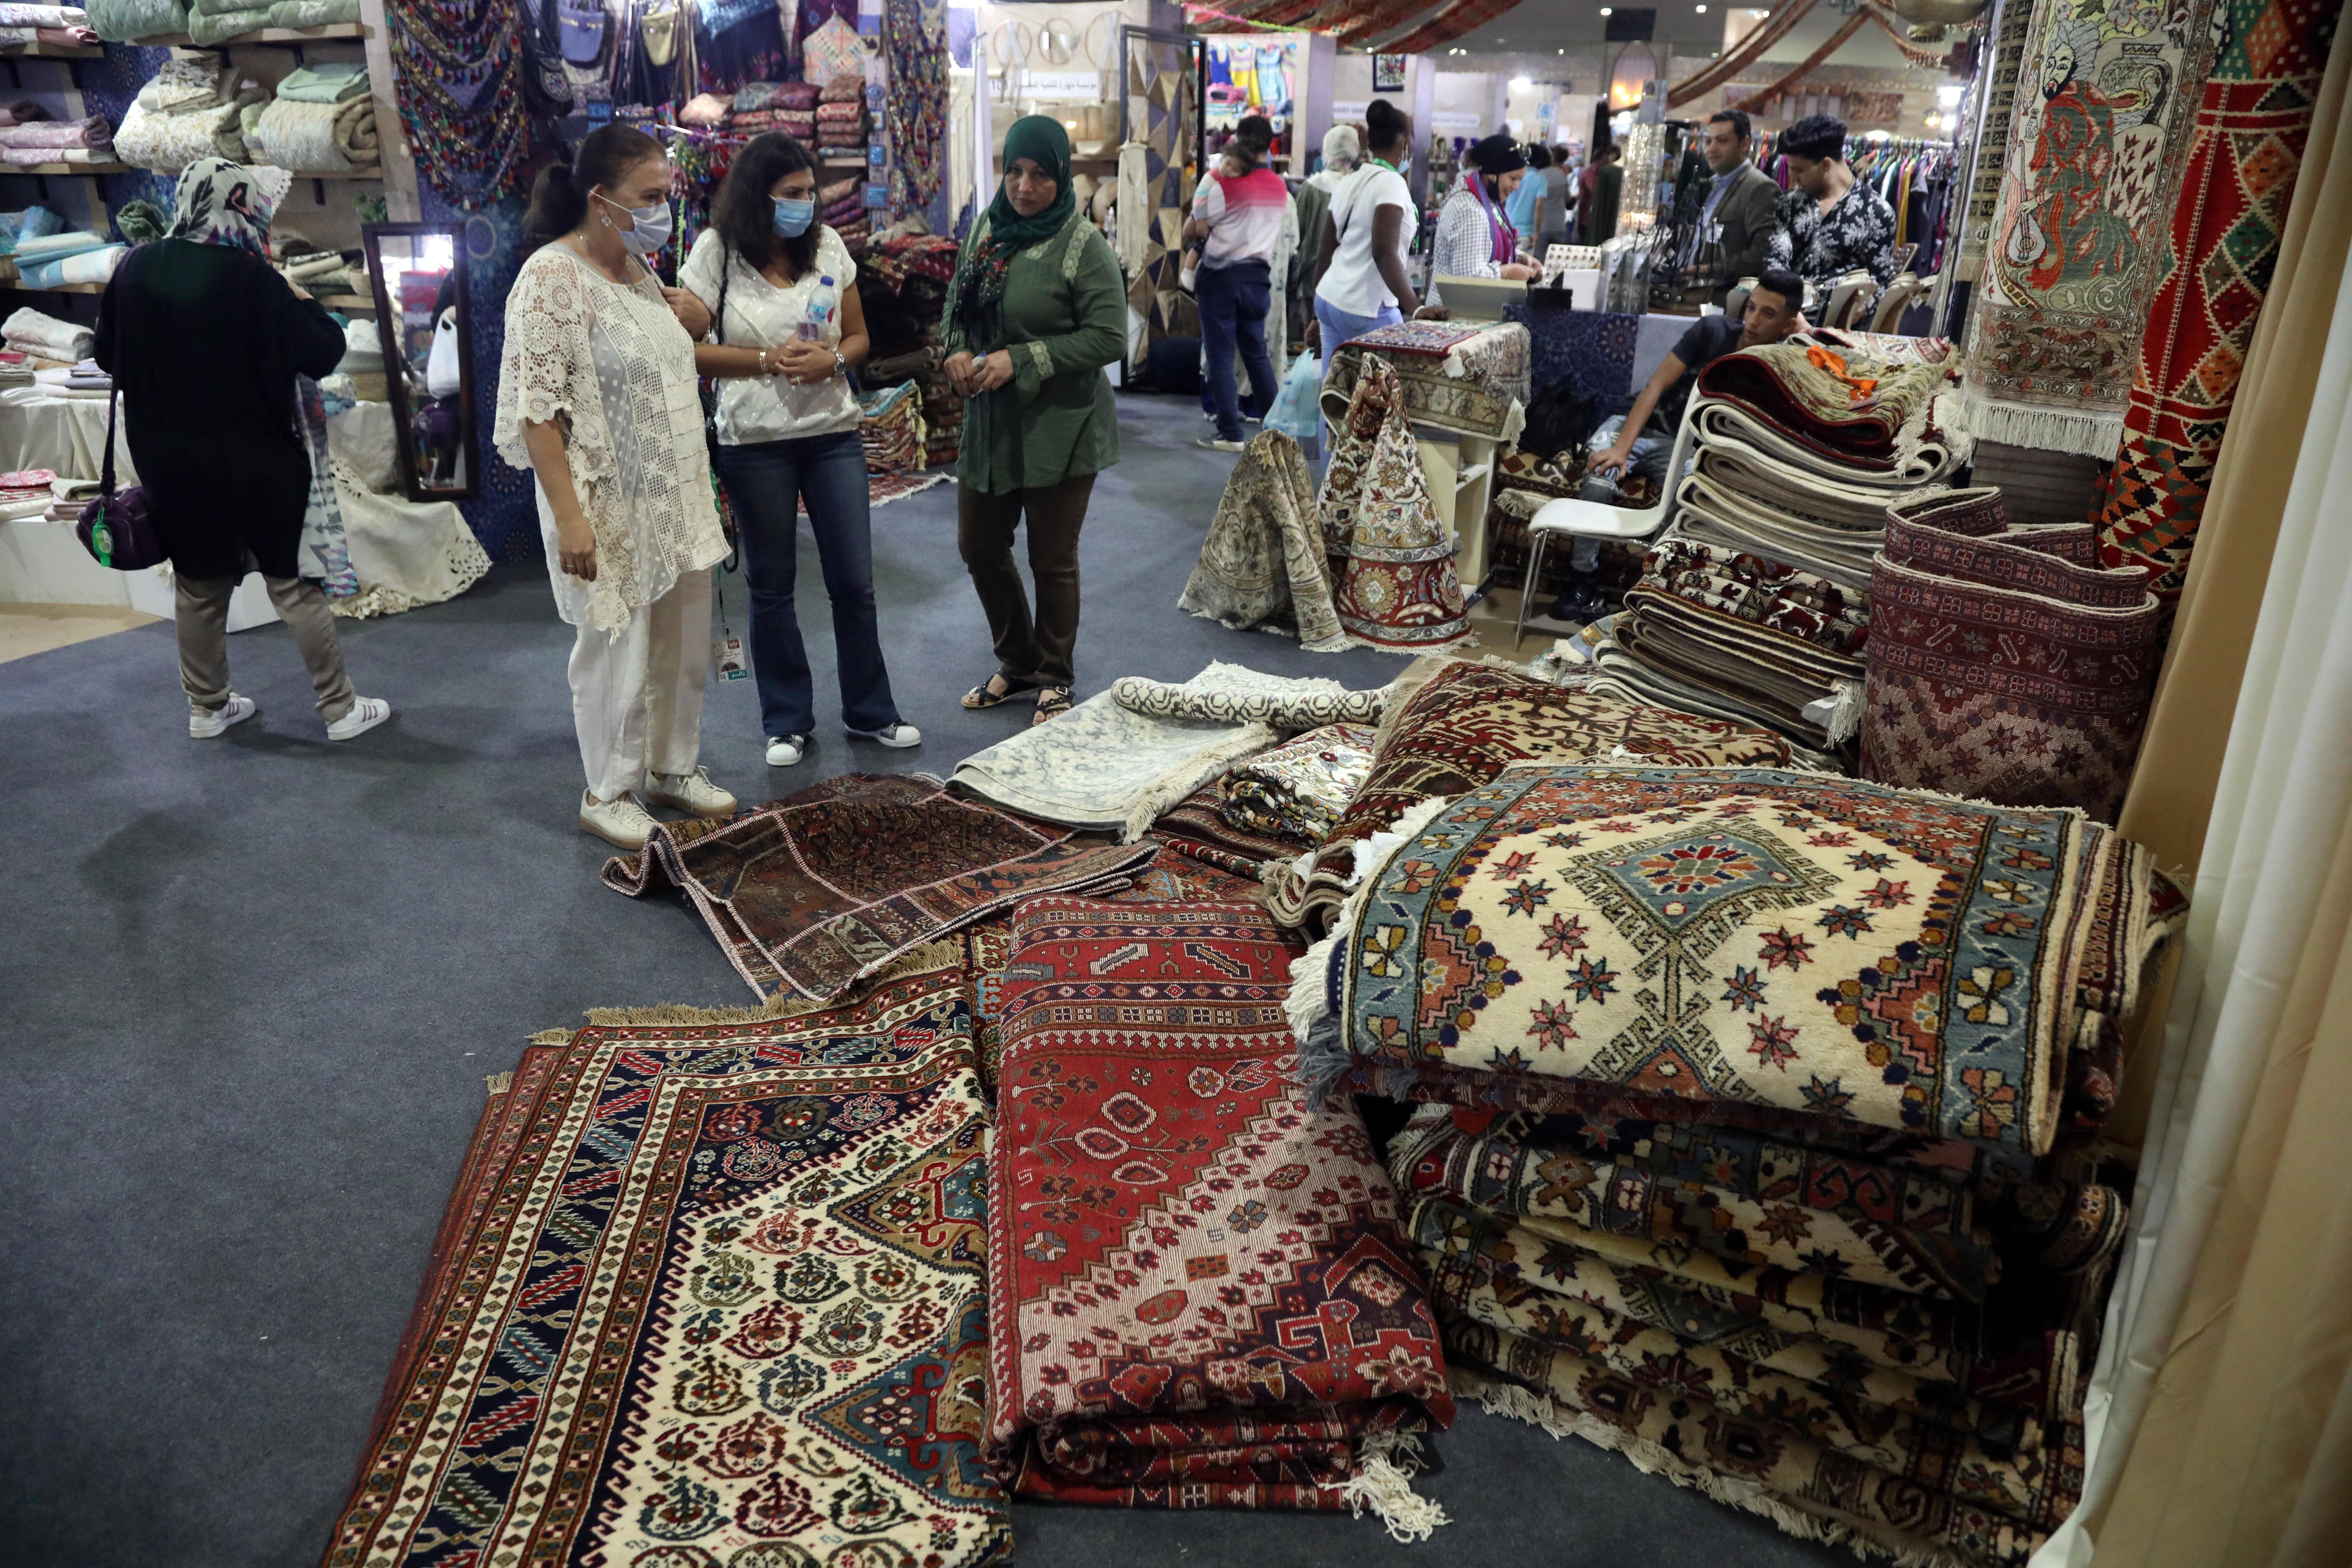 埃及举办传统手工艺品展